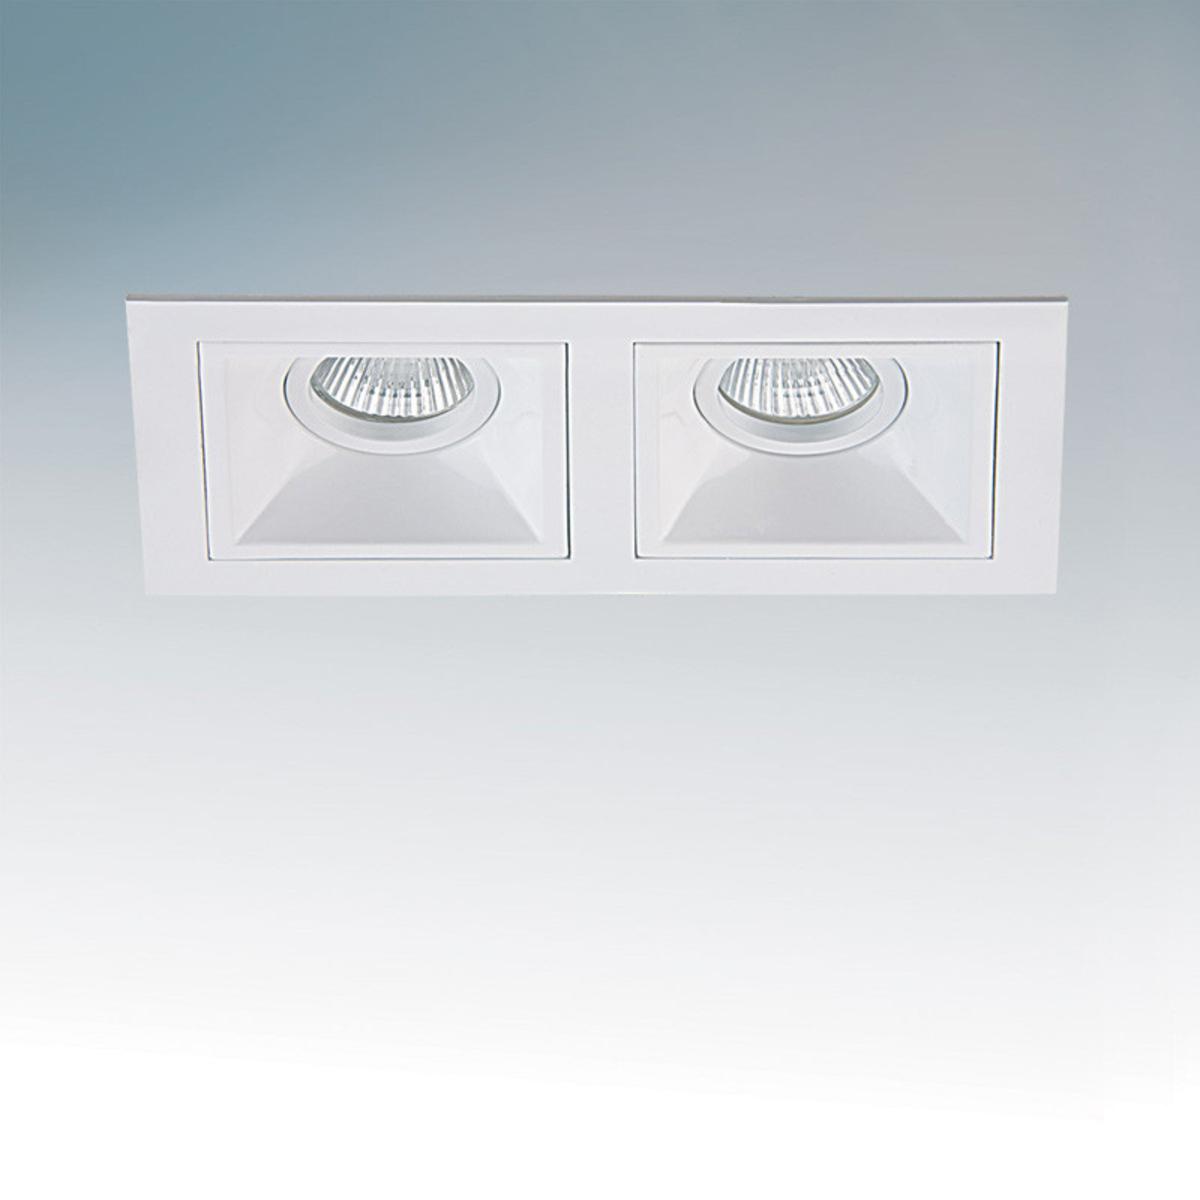 Купить Встраиваемый светильник Avanza 214520, HomeMe